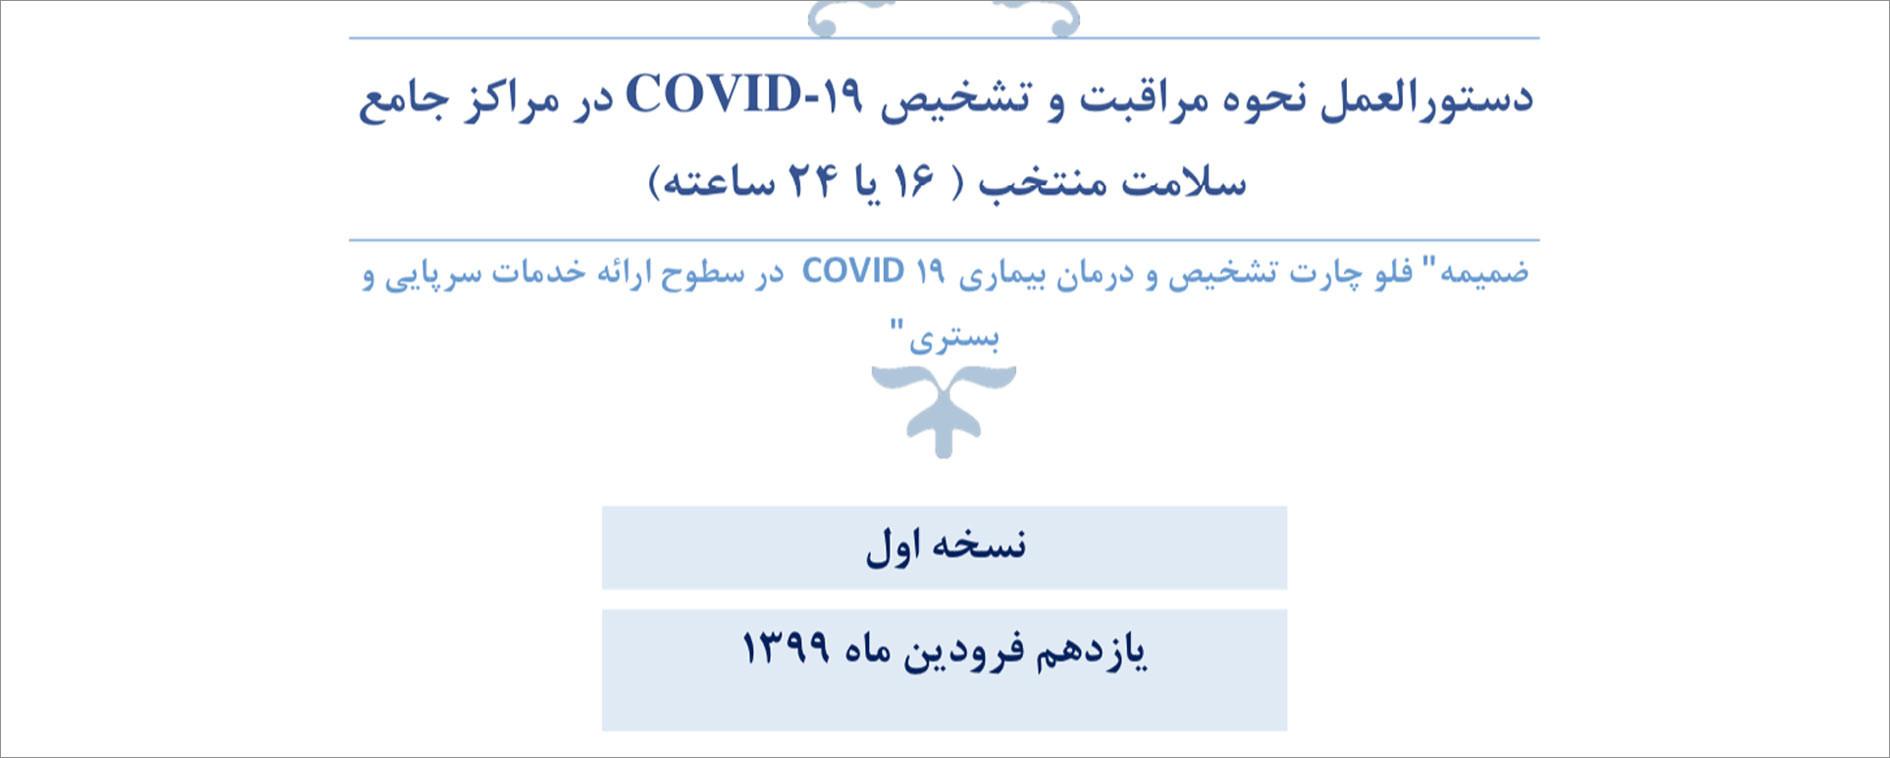 دستورالعمل نحوه مراقبت و تشخیص COVID-19 در مراکز جامع سلامت منتخب: نسخه اول ۱۱ فروردین ۹۹